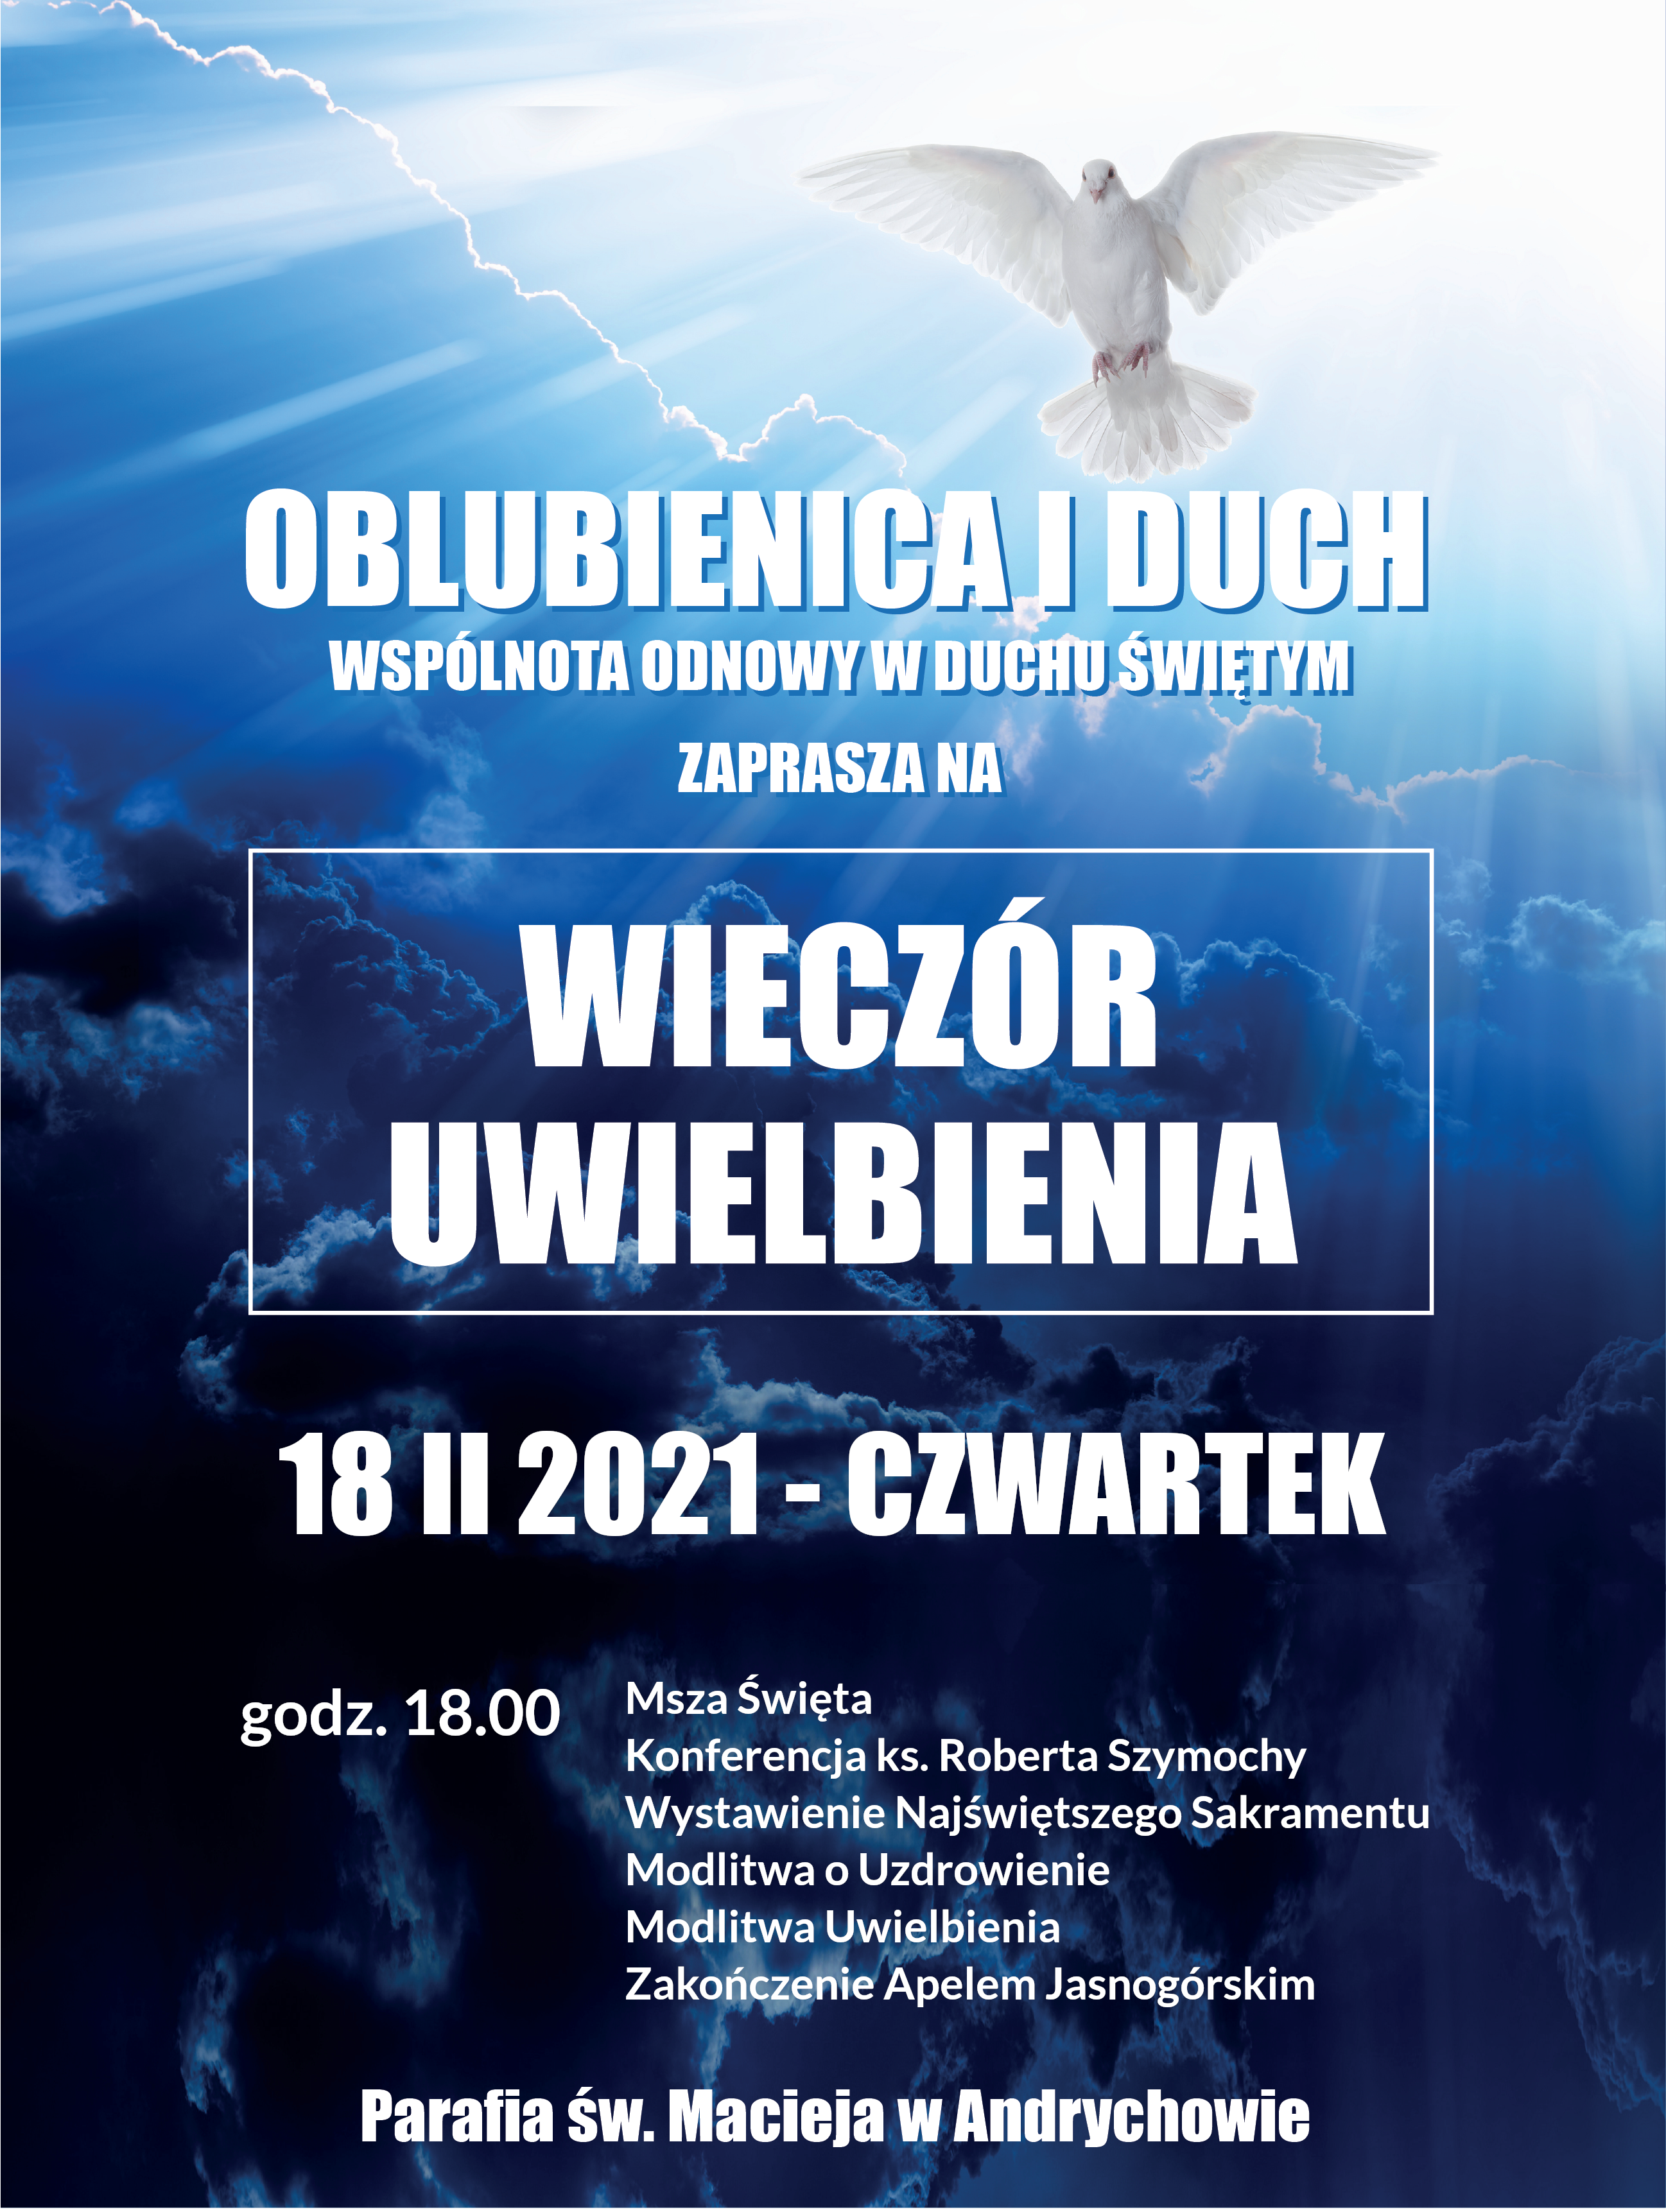 Wieczór Uwielbienia II 2021